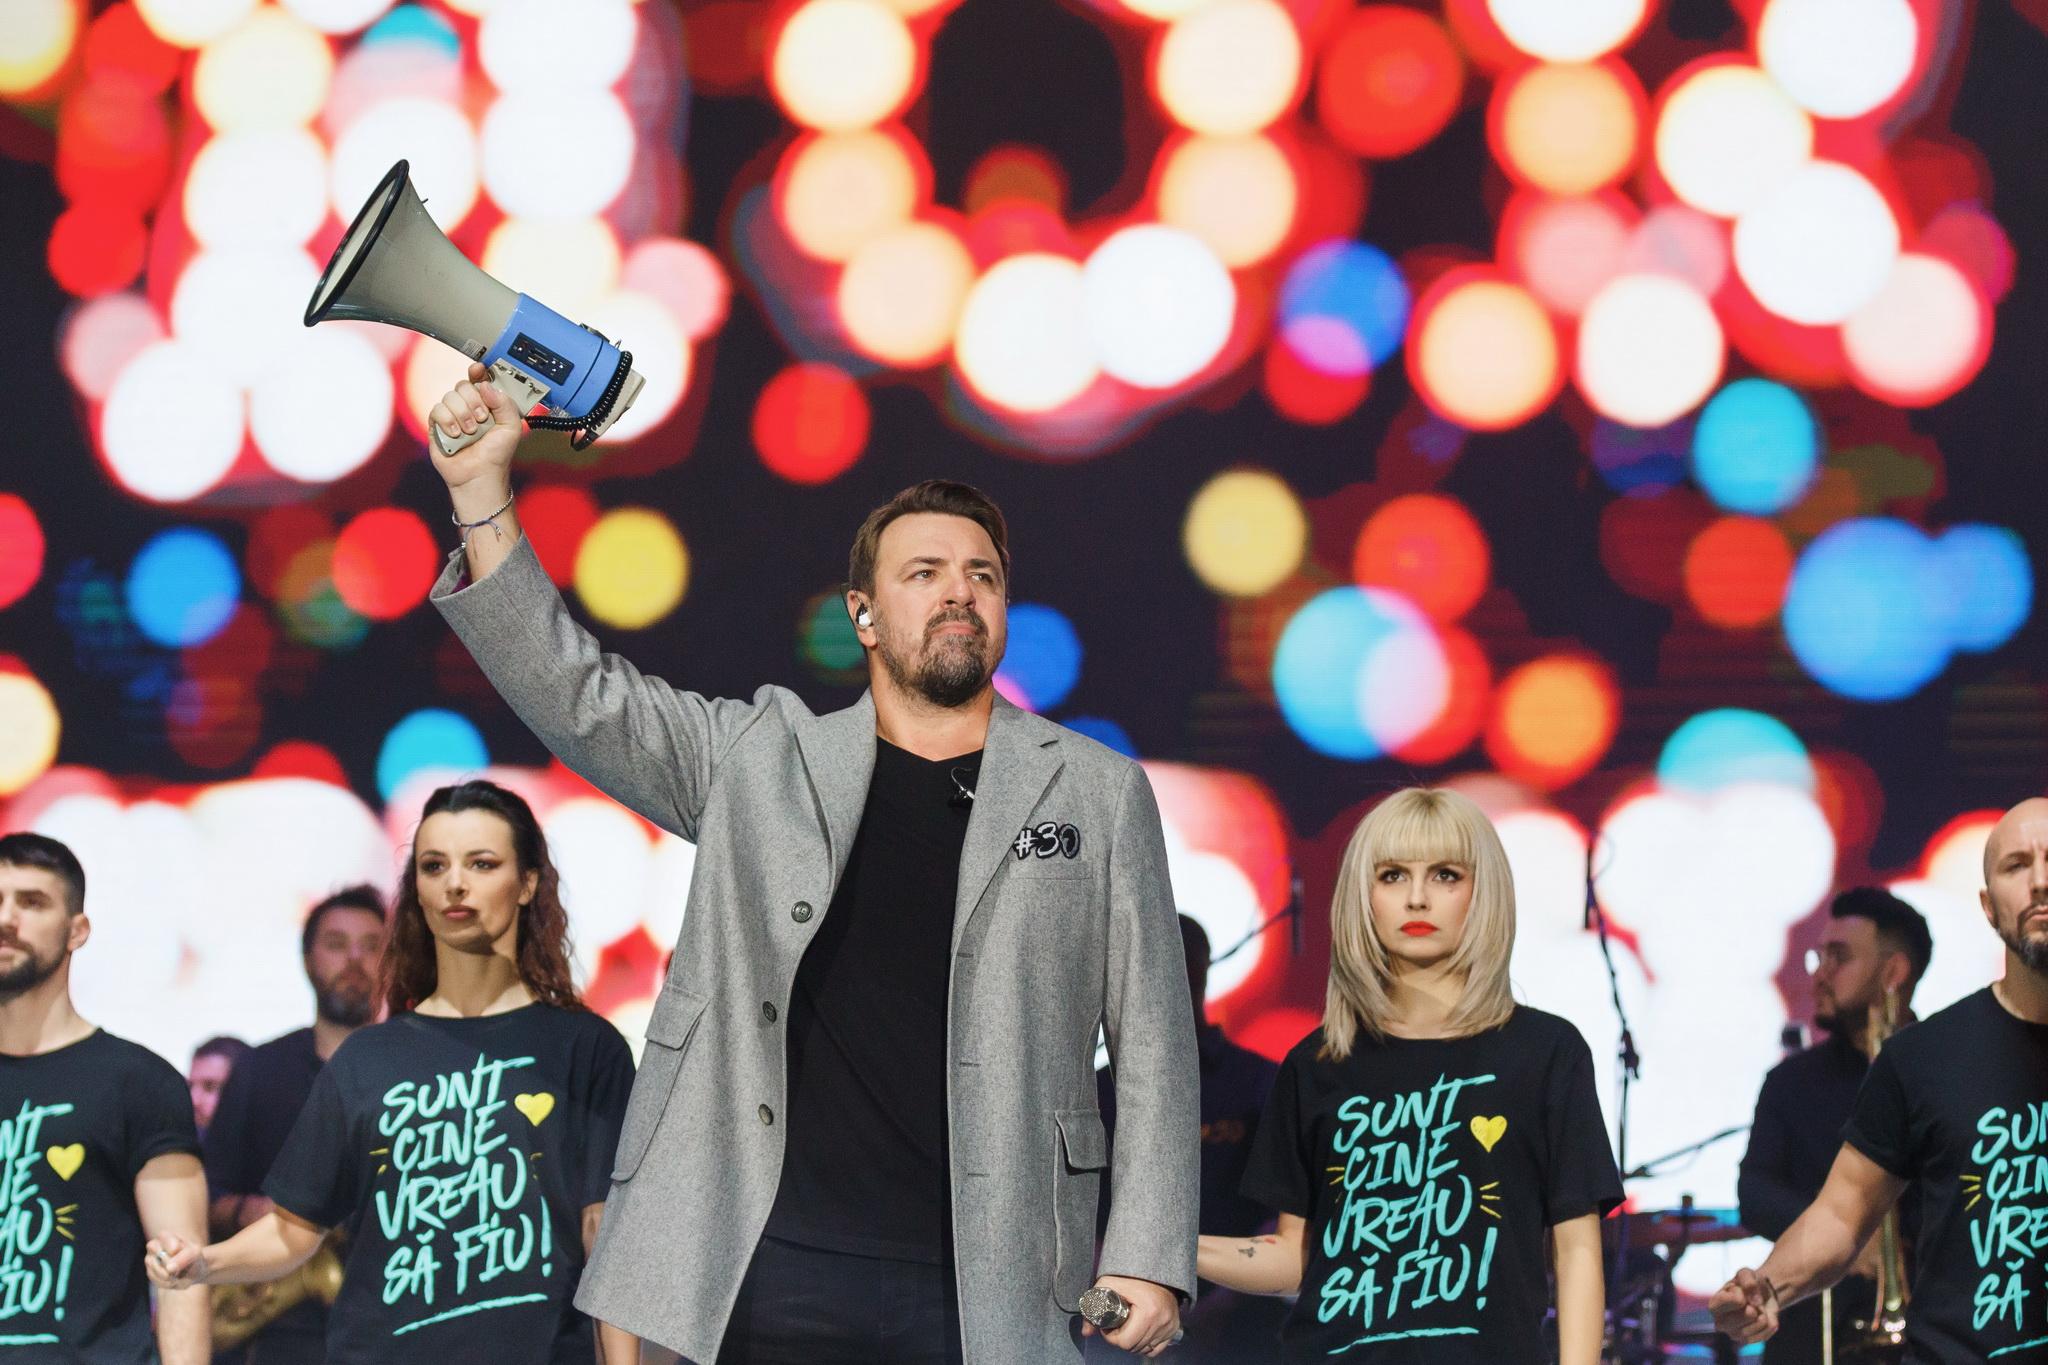 """8000 de oameni au cantat impreuna cu Horia Brenciu """"Sunt cine vreau sa fiu"""" pe 18 si 19 decembrie, la Sala Palatului"""